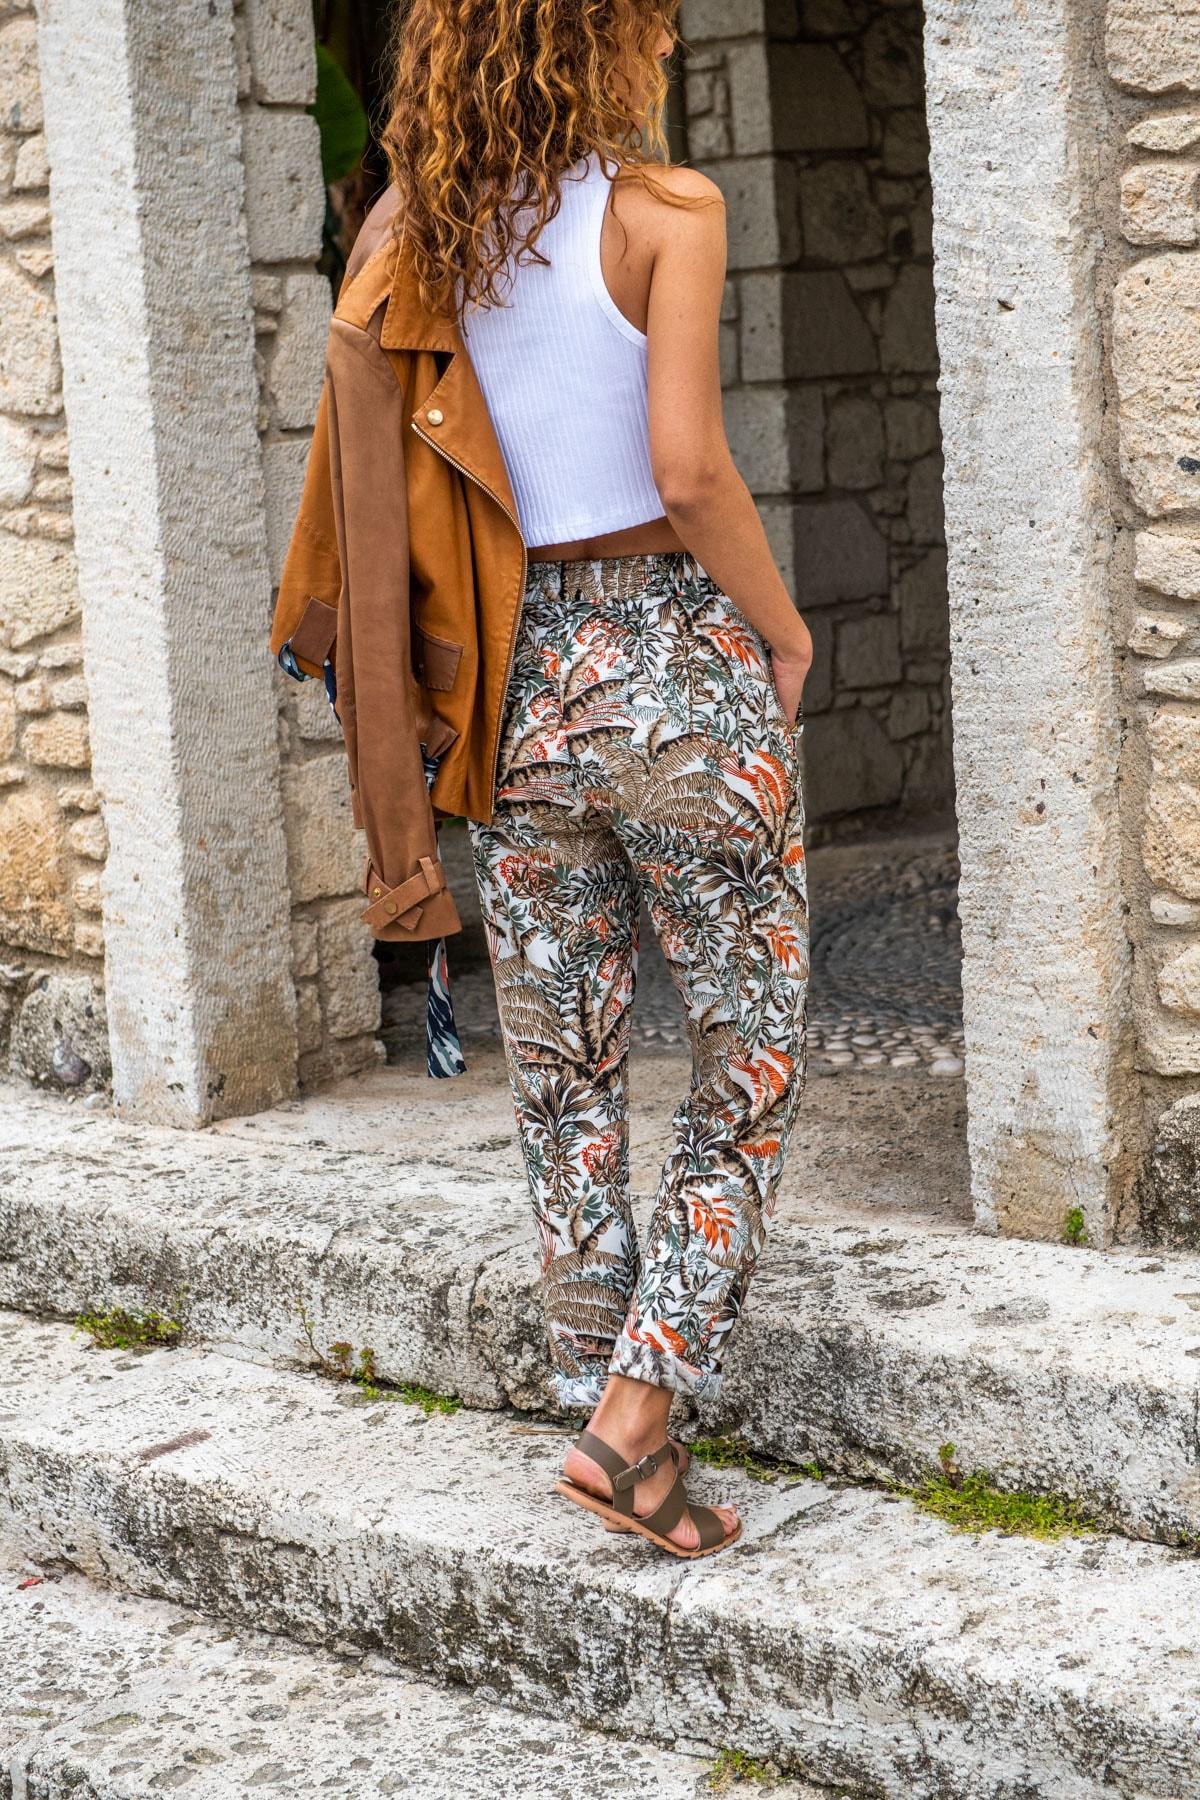 Güneşkızı Kadın Haki Beli Lastikli Cepli Dar Paça Salaş Pantolon GK-CCKCC4003 1